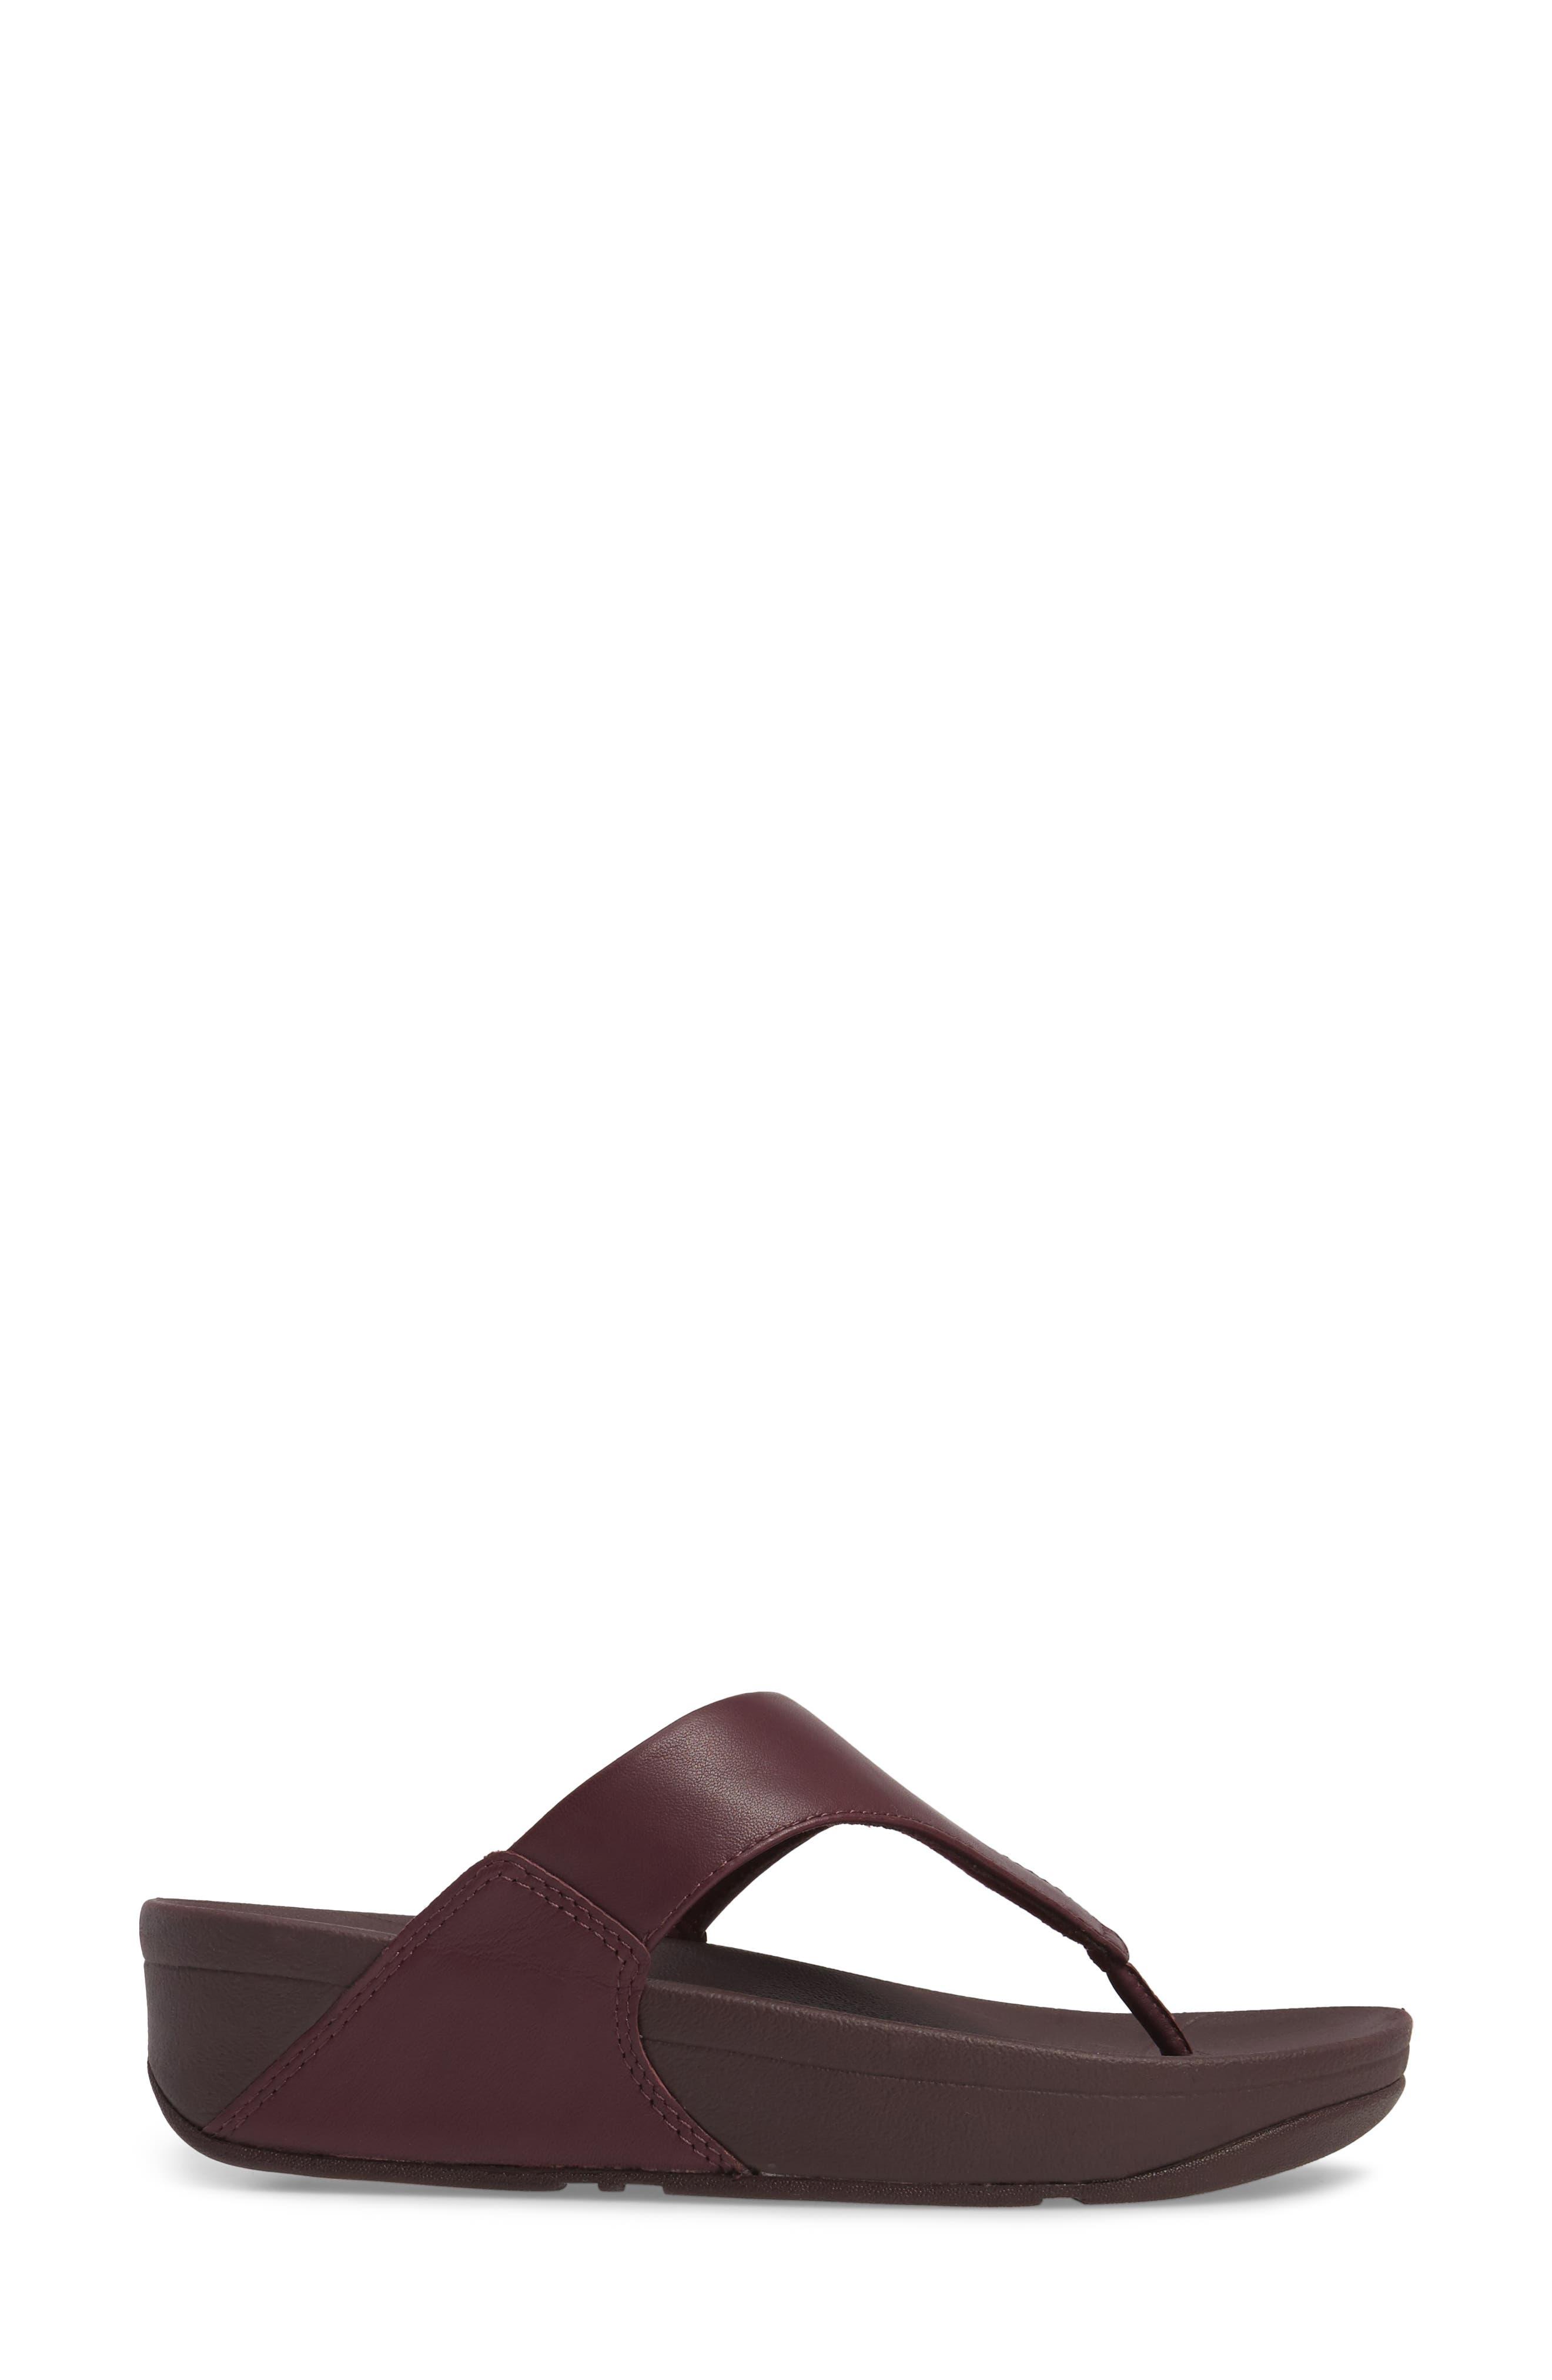 Lulu Sandal,                             Alternate thumbnail 3, color,                             Deep Plum Leather